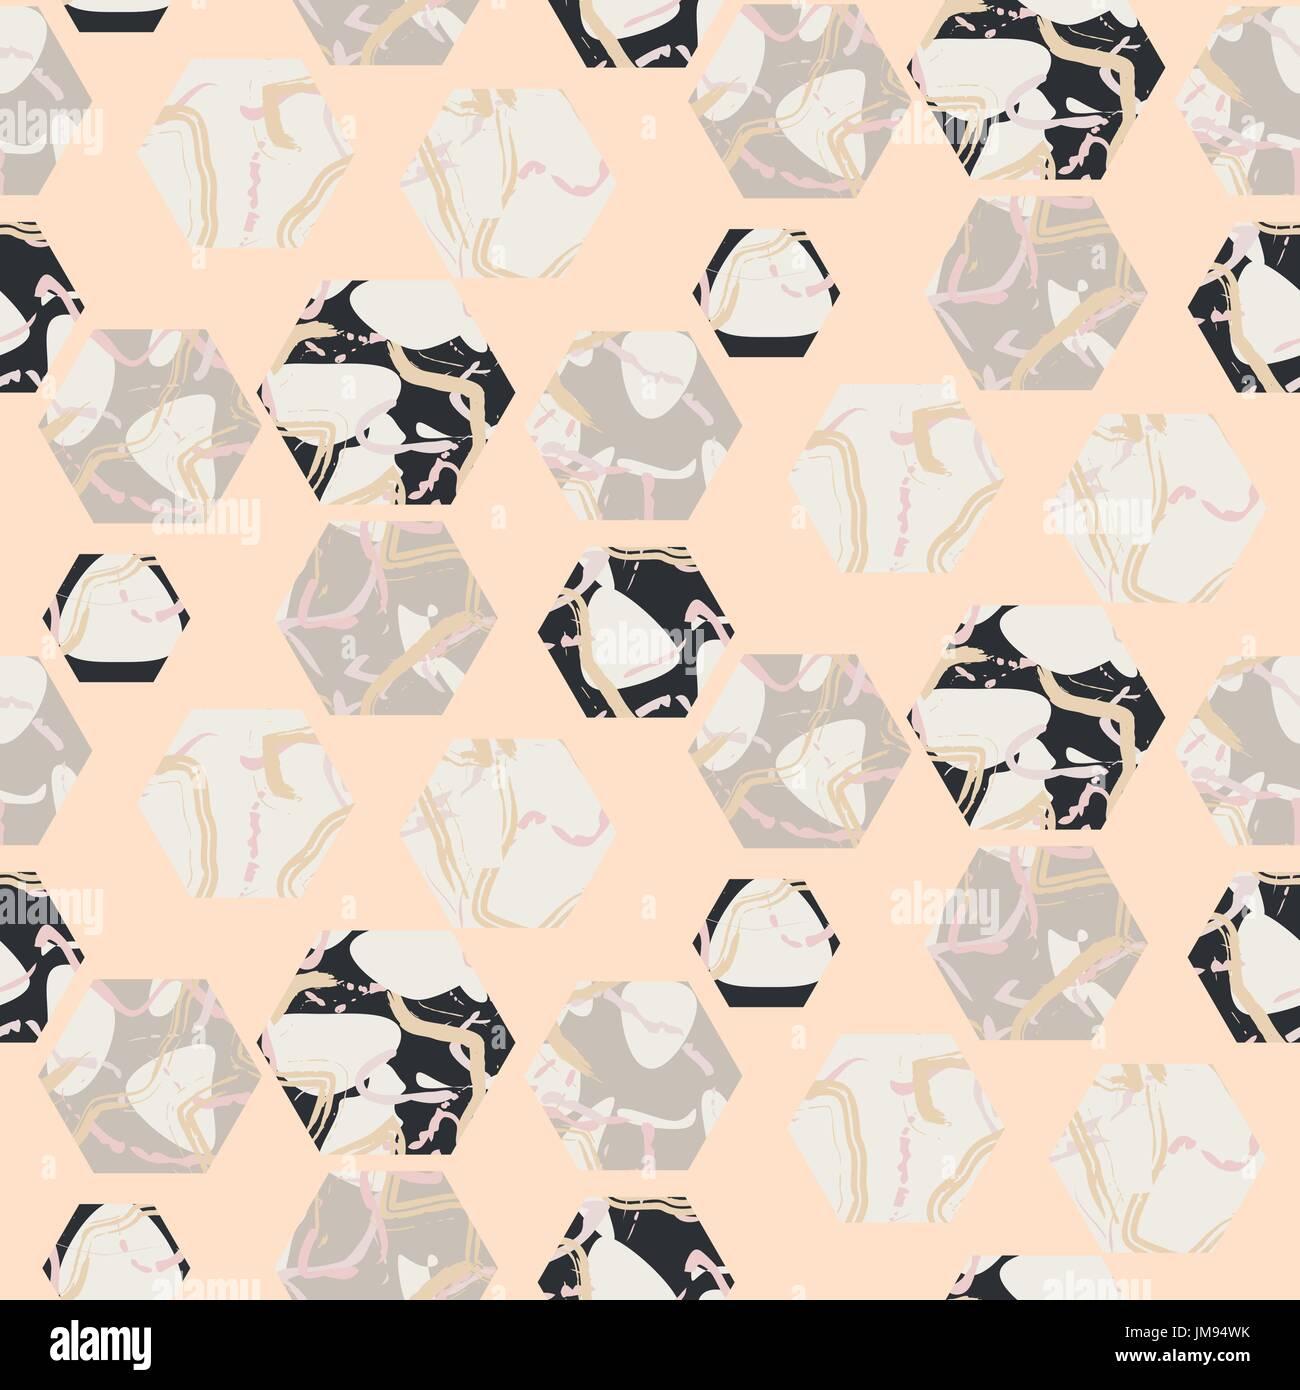 Los hexágonos de piedra de mármol rosa pálido textura fluida de vectores. Imagen De Stock